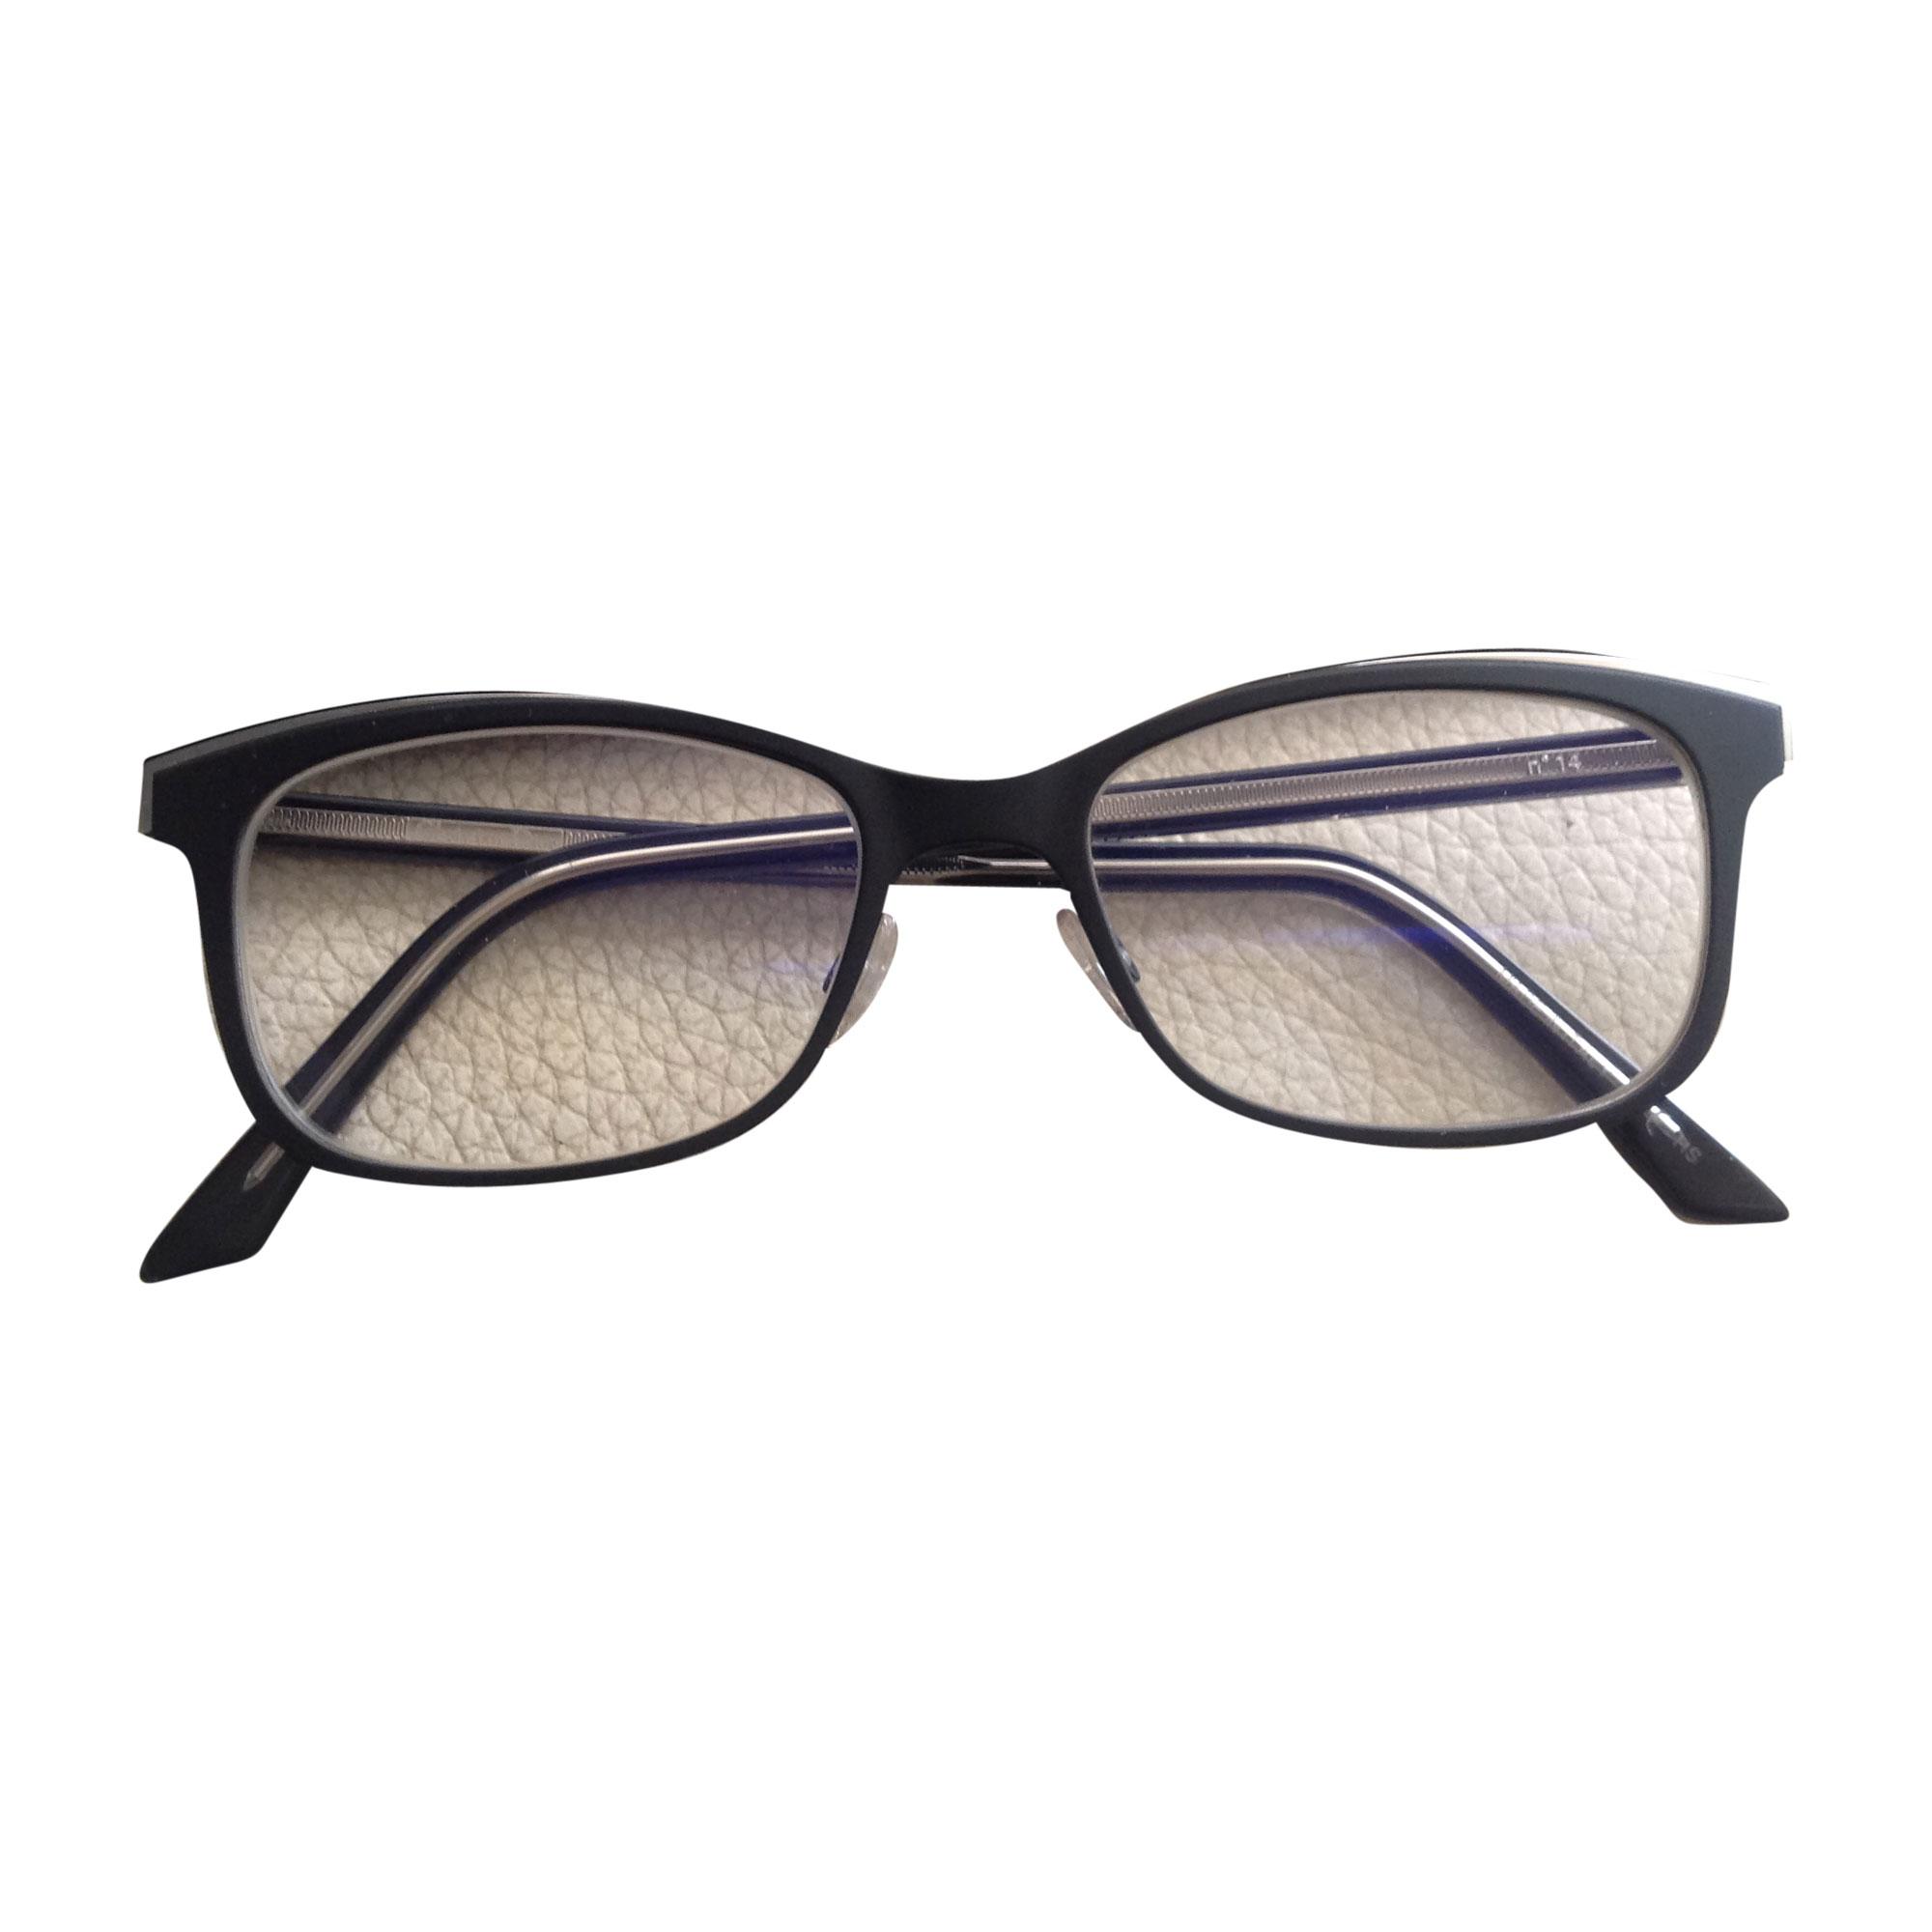 480913b9dc Monture de lunettes DIOR noir - 6551581